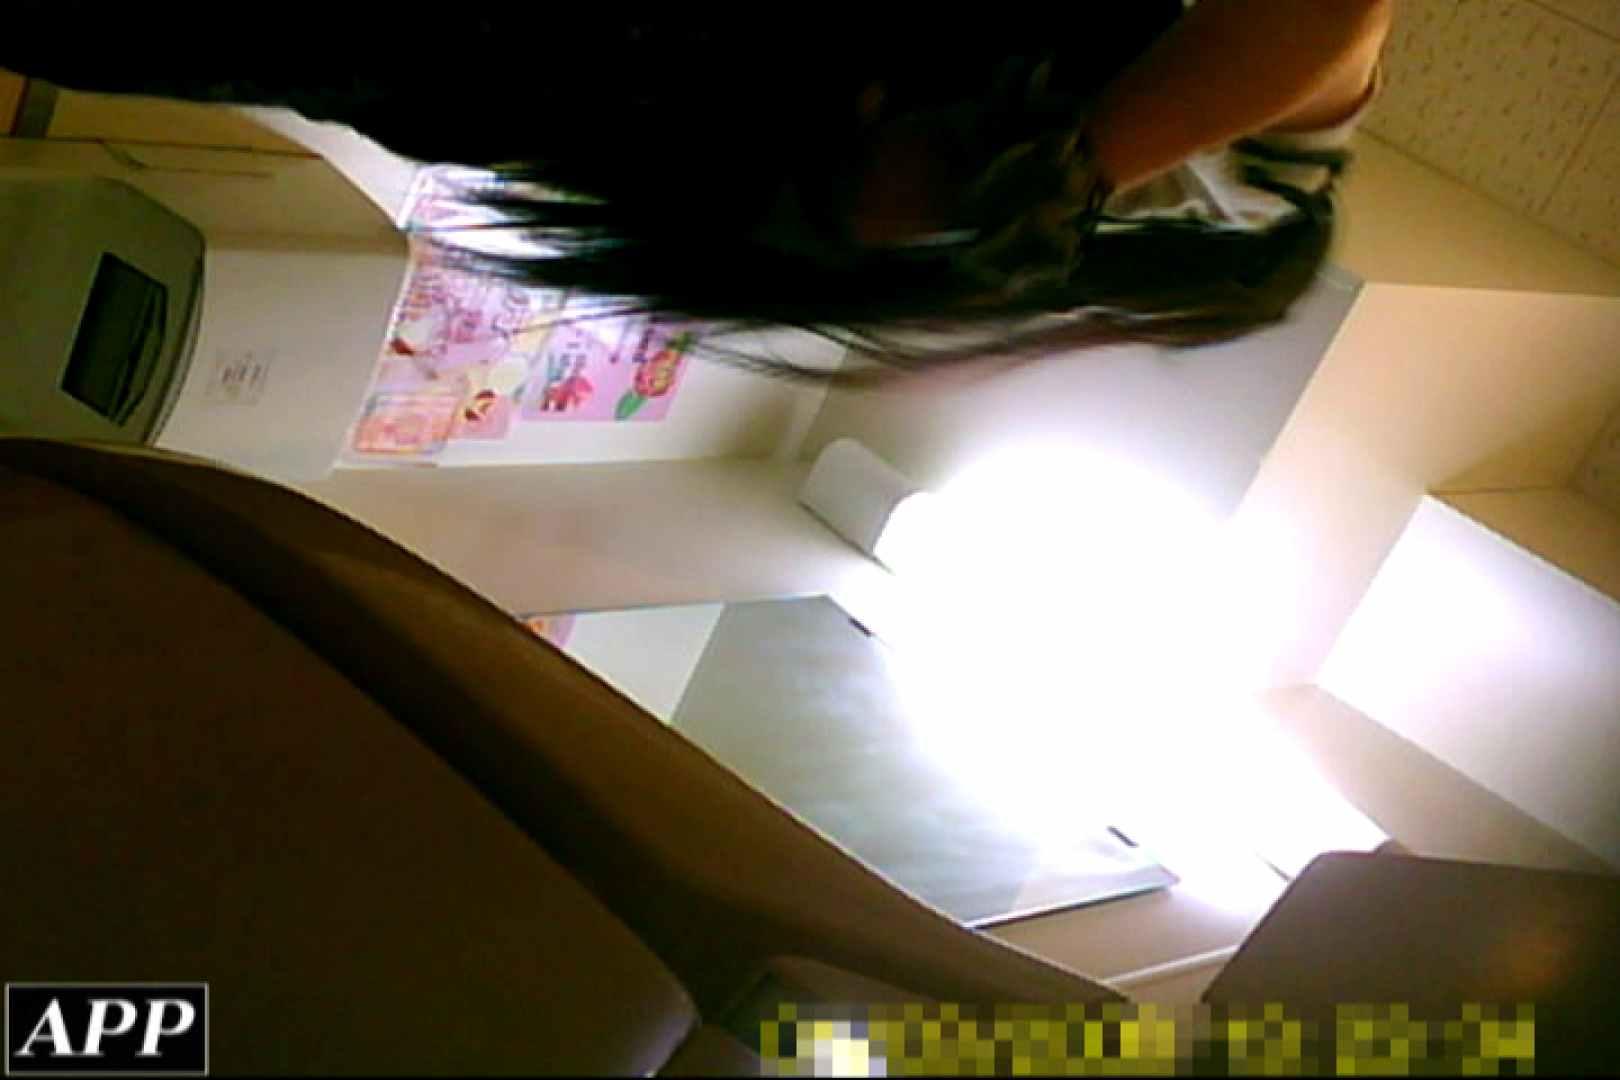 3視点洗面所 vol.104 洗面所 覗きオメコ動画キャプチャ 81pic 76